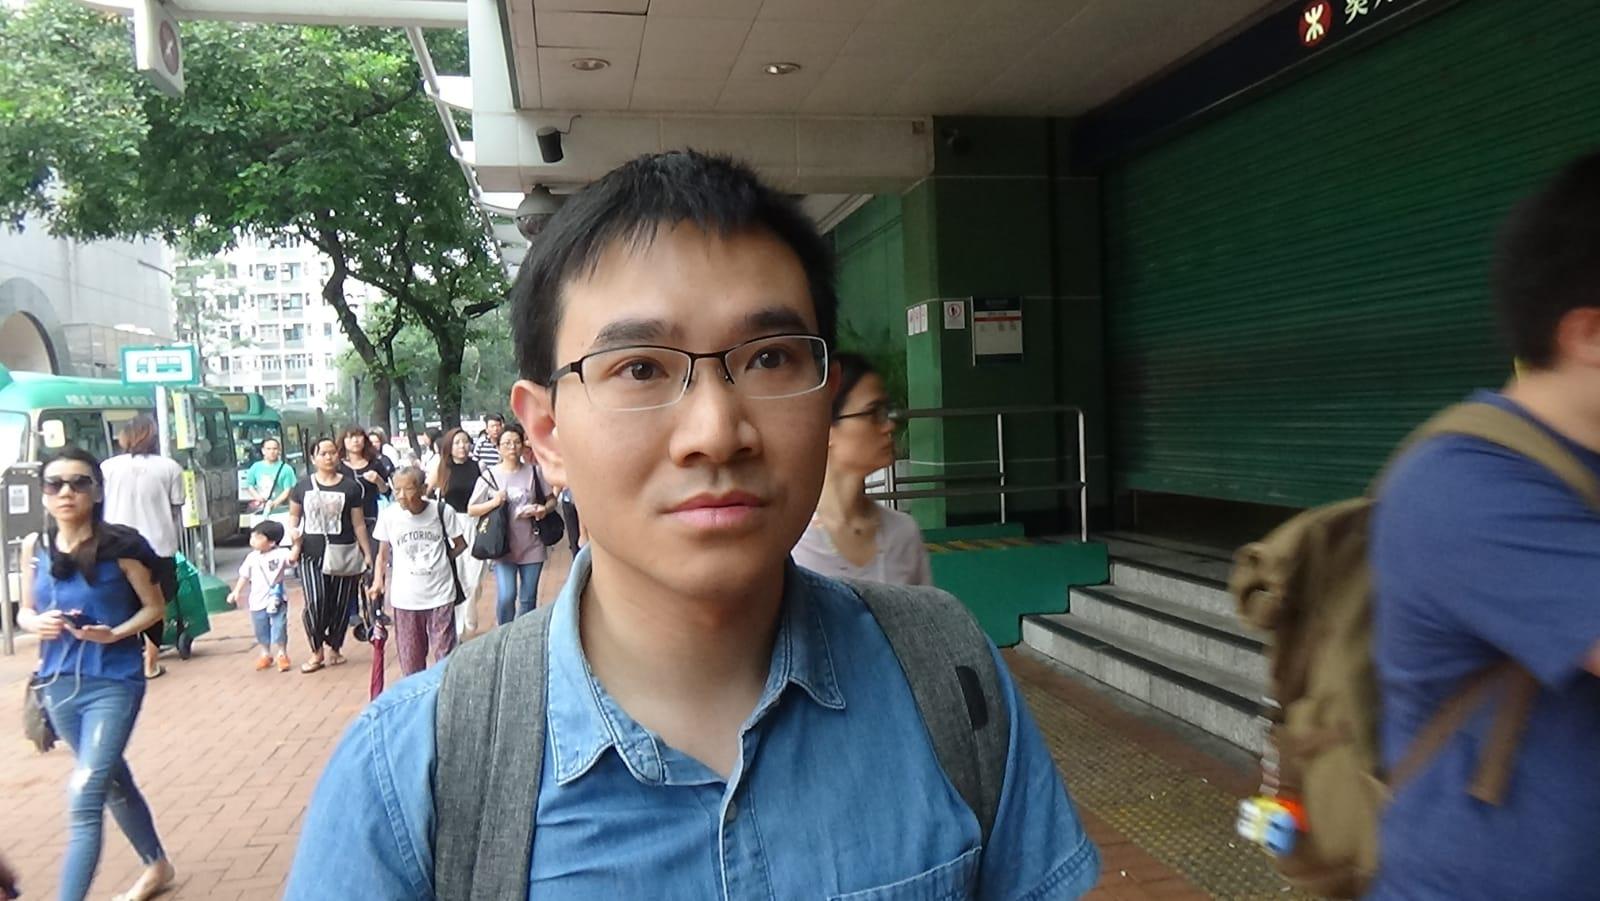 譚先生希望示威者和平表達訴求。 蔡楚輝攝